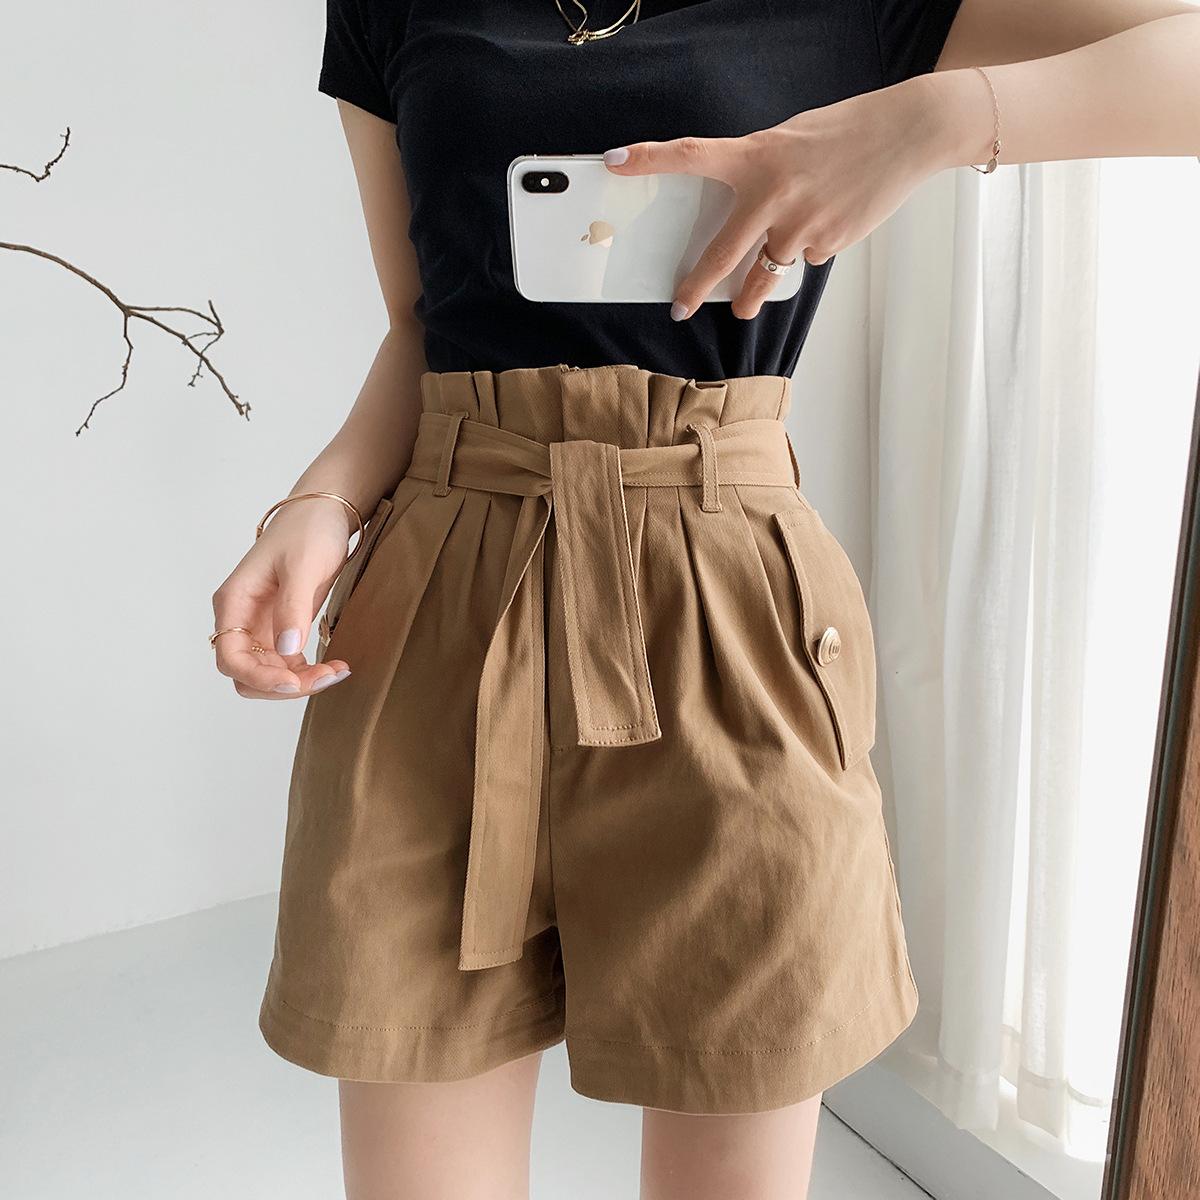 hàng trào lưu mới M gia đình phụ nữ đơn giản tính khí đàn hồi dây thắt lưng quần short màu rắn nữ MF